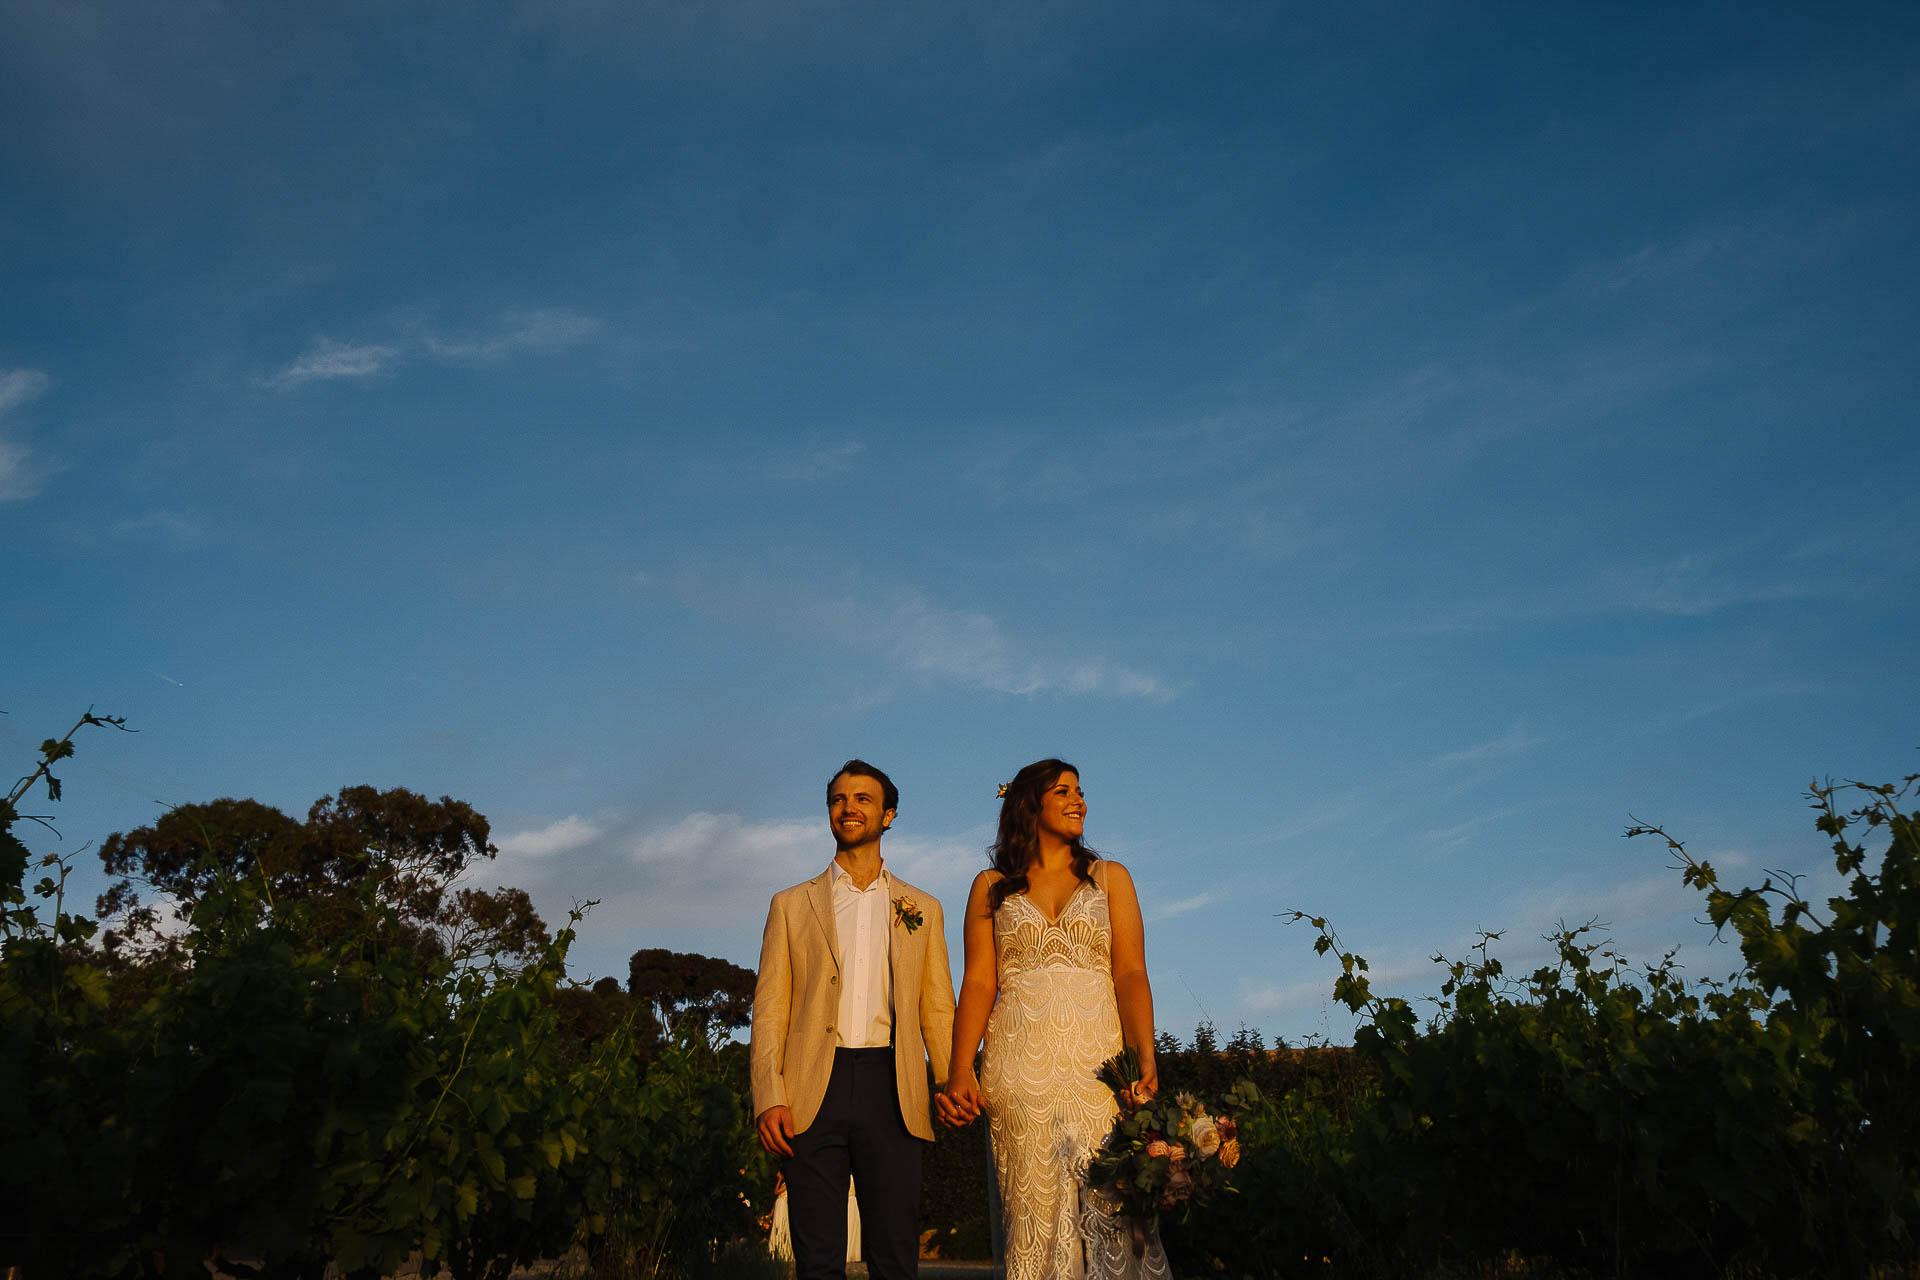 coriole vineyards winery wedding venue